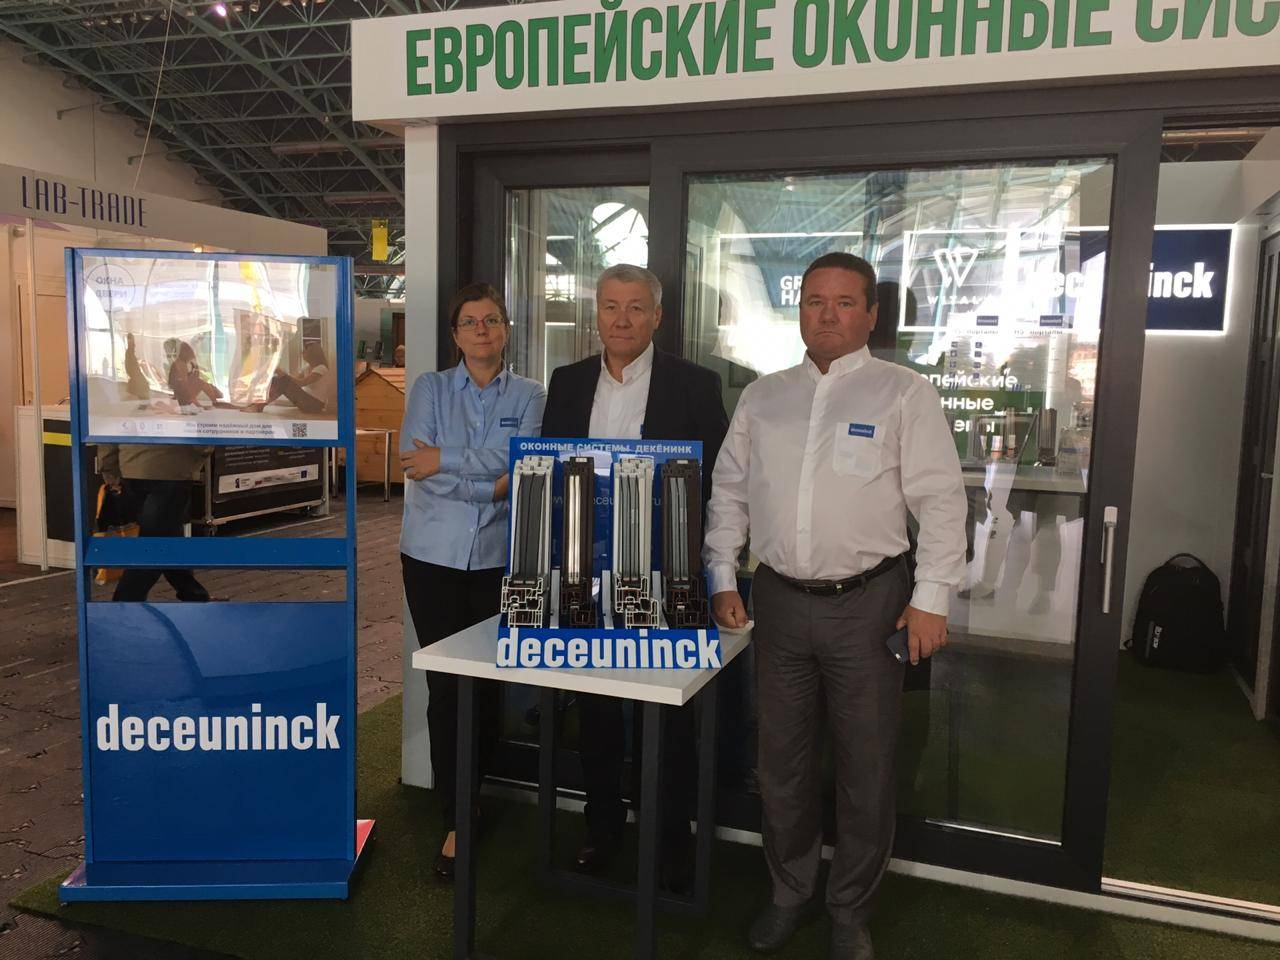 Продукты концерна Deceuninck на выставке Budpragres-2019 в Минске